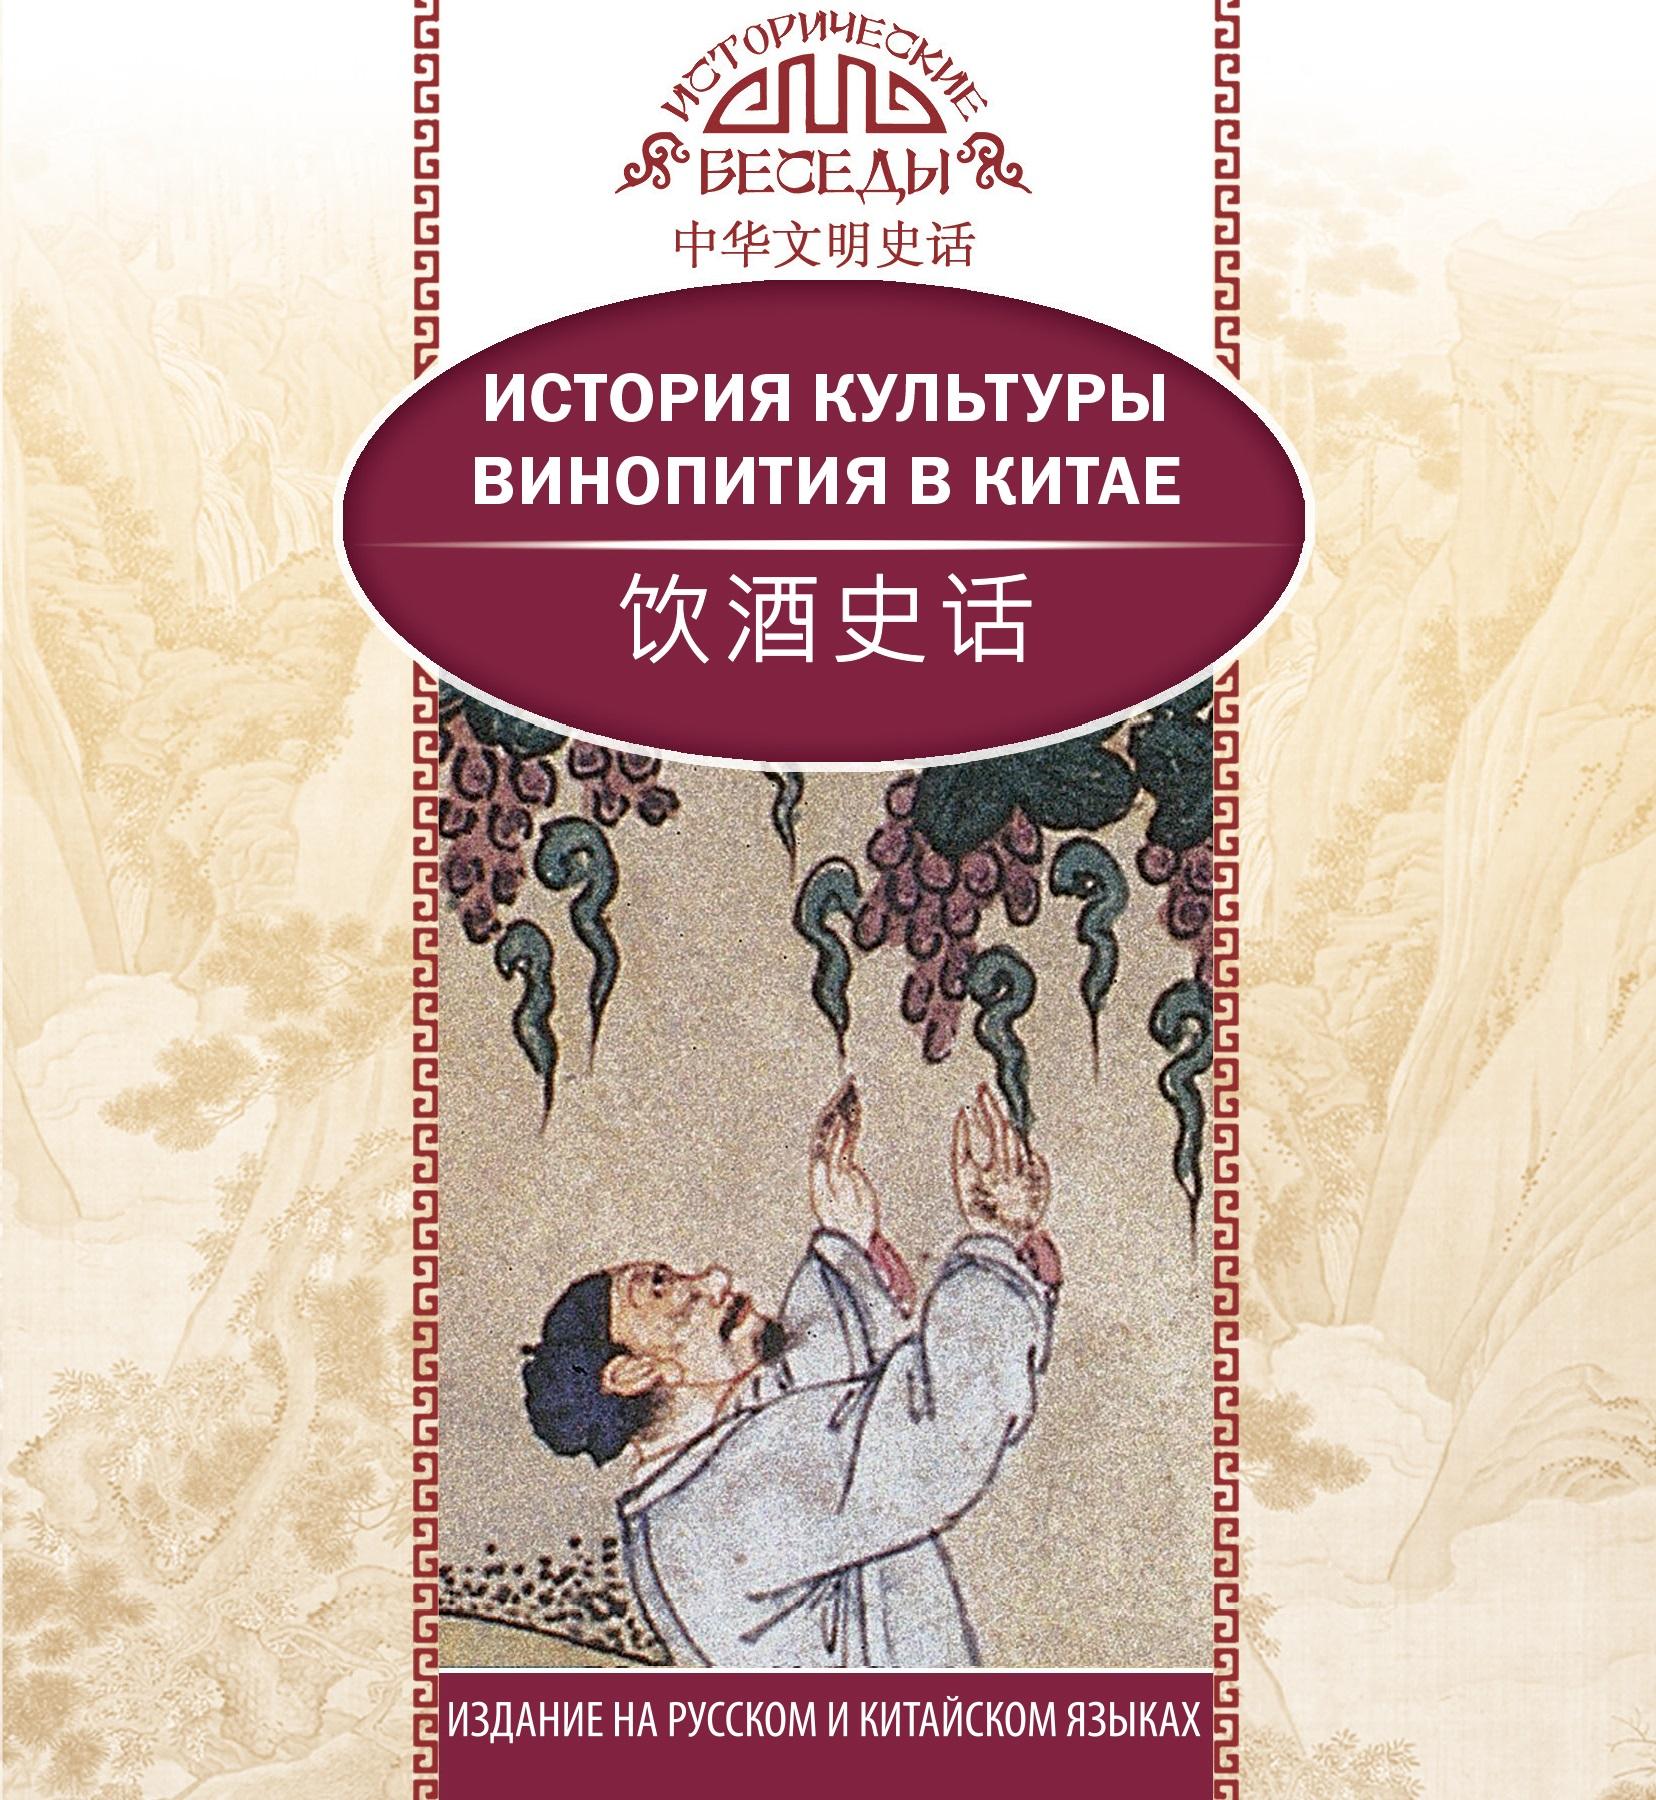 Купить книгу История культуры винопития в Китае, автора